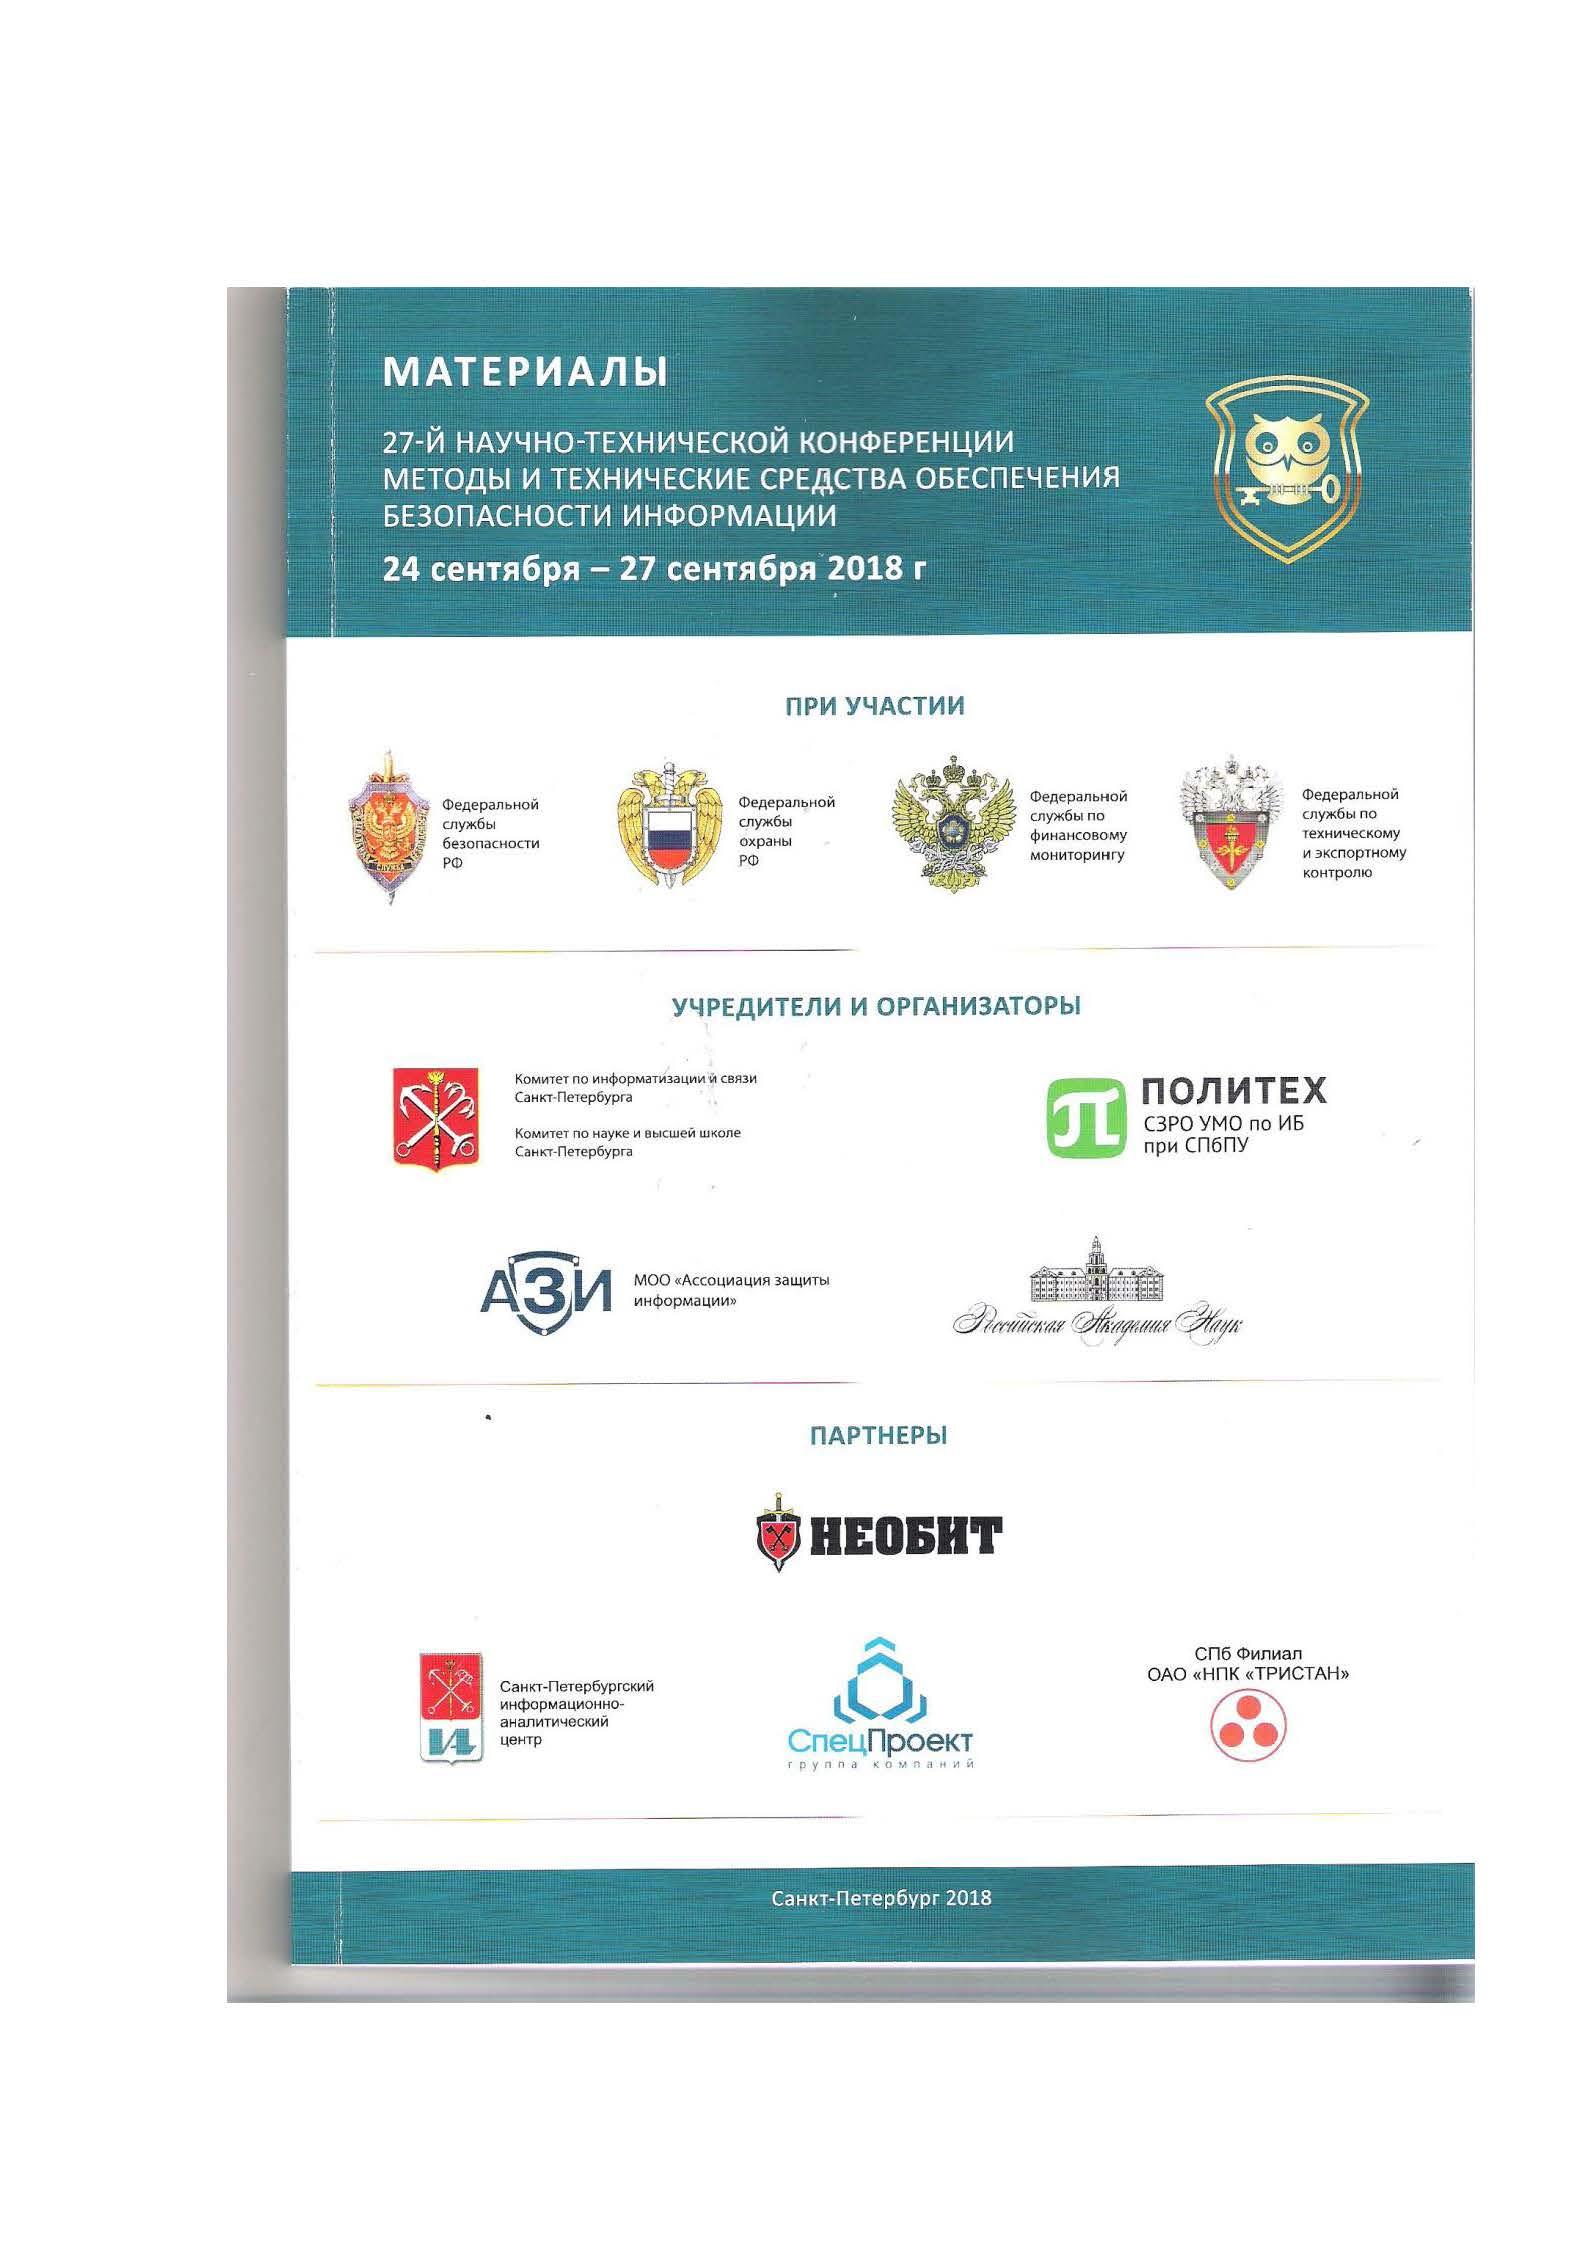 Методы и технические средства обеспечения безопасности информации: Материалы 27-й научно-технической конференции 24-27 сентября 2018 года